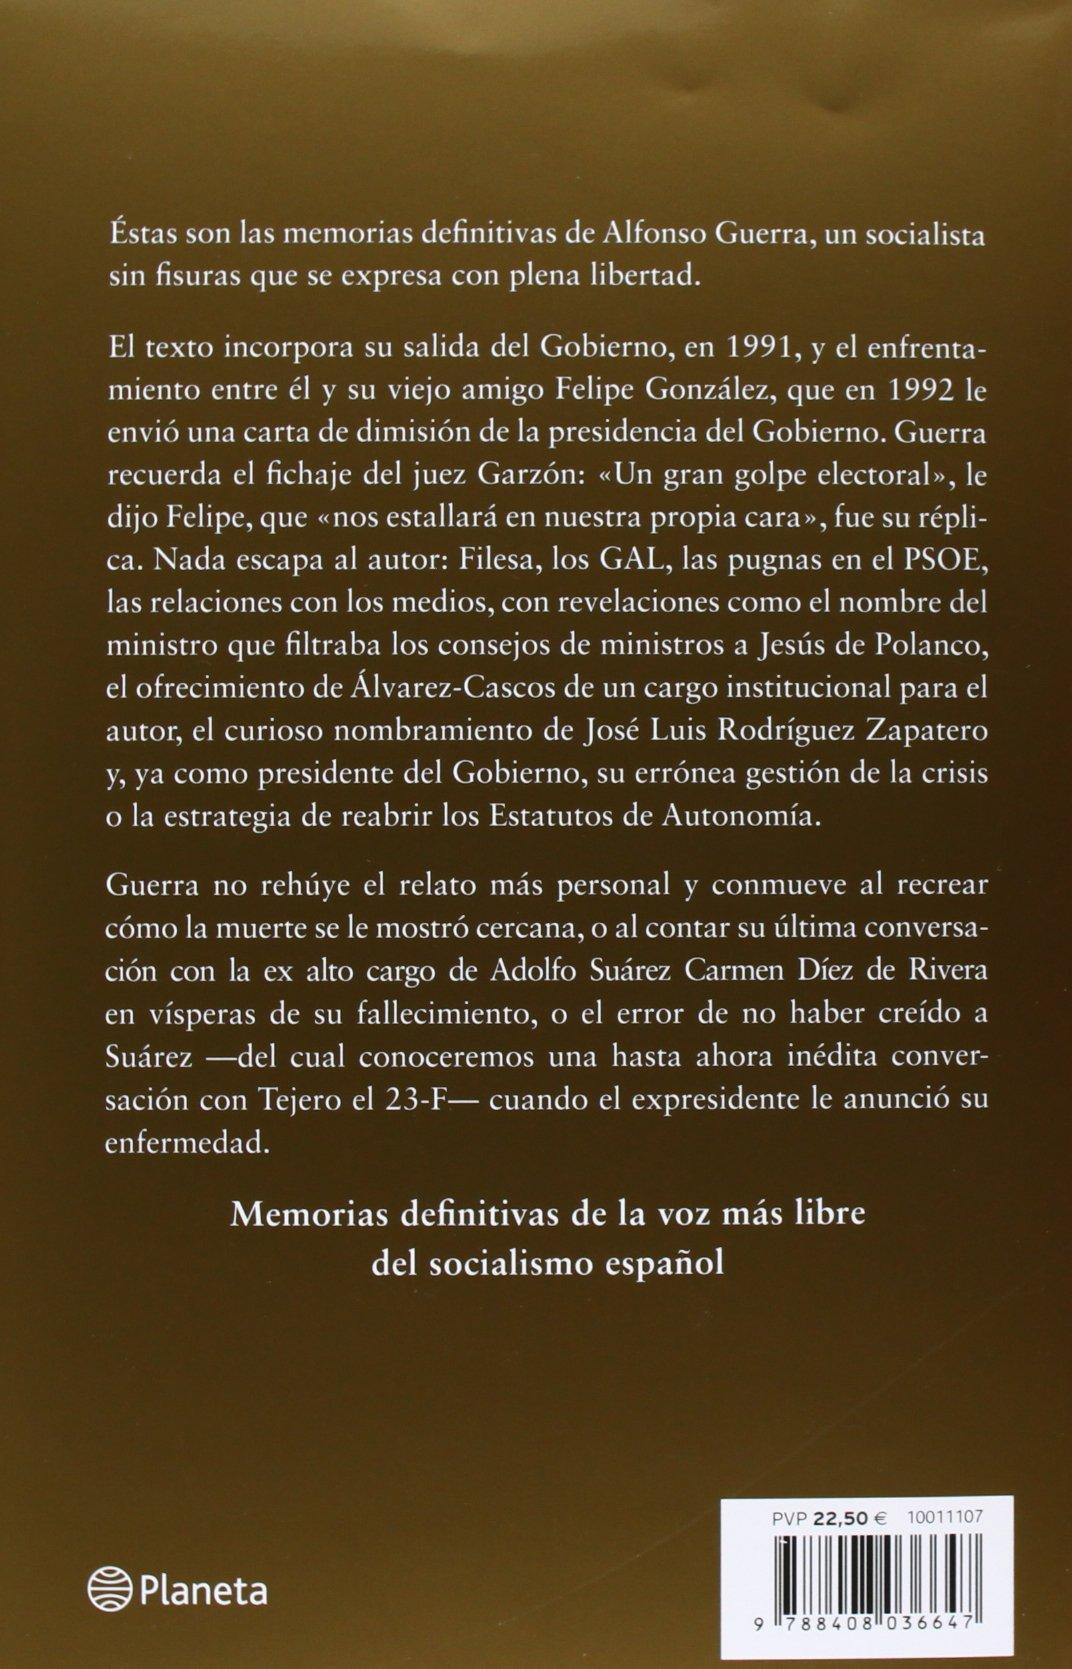 Una página difícil de arrancar: Memorias de un socialista sin fisuras: Amazon.es: Guerra, Alfonso: Libros